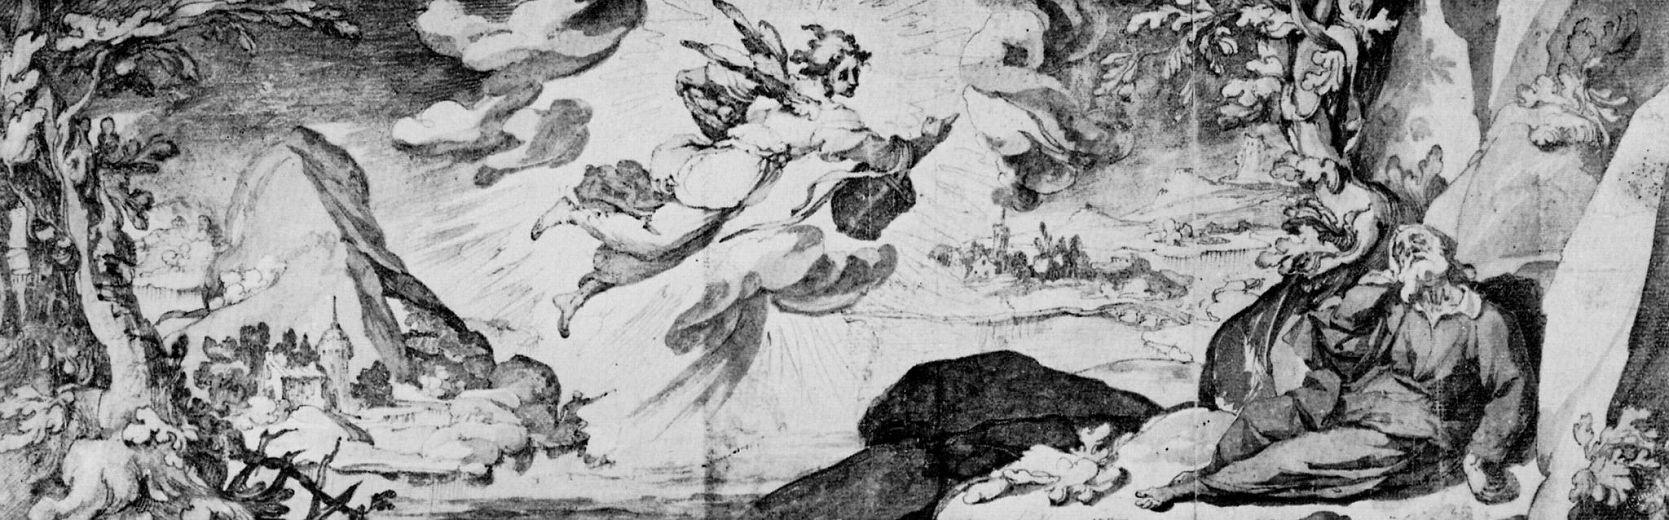 Андреа Босколи. Спящий у потока Хорафа пророк Илия